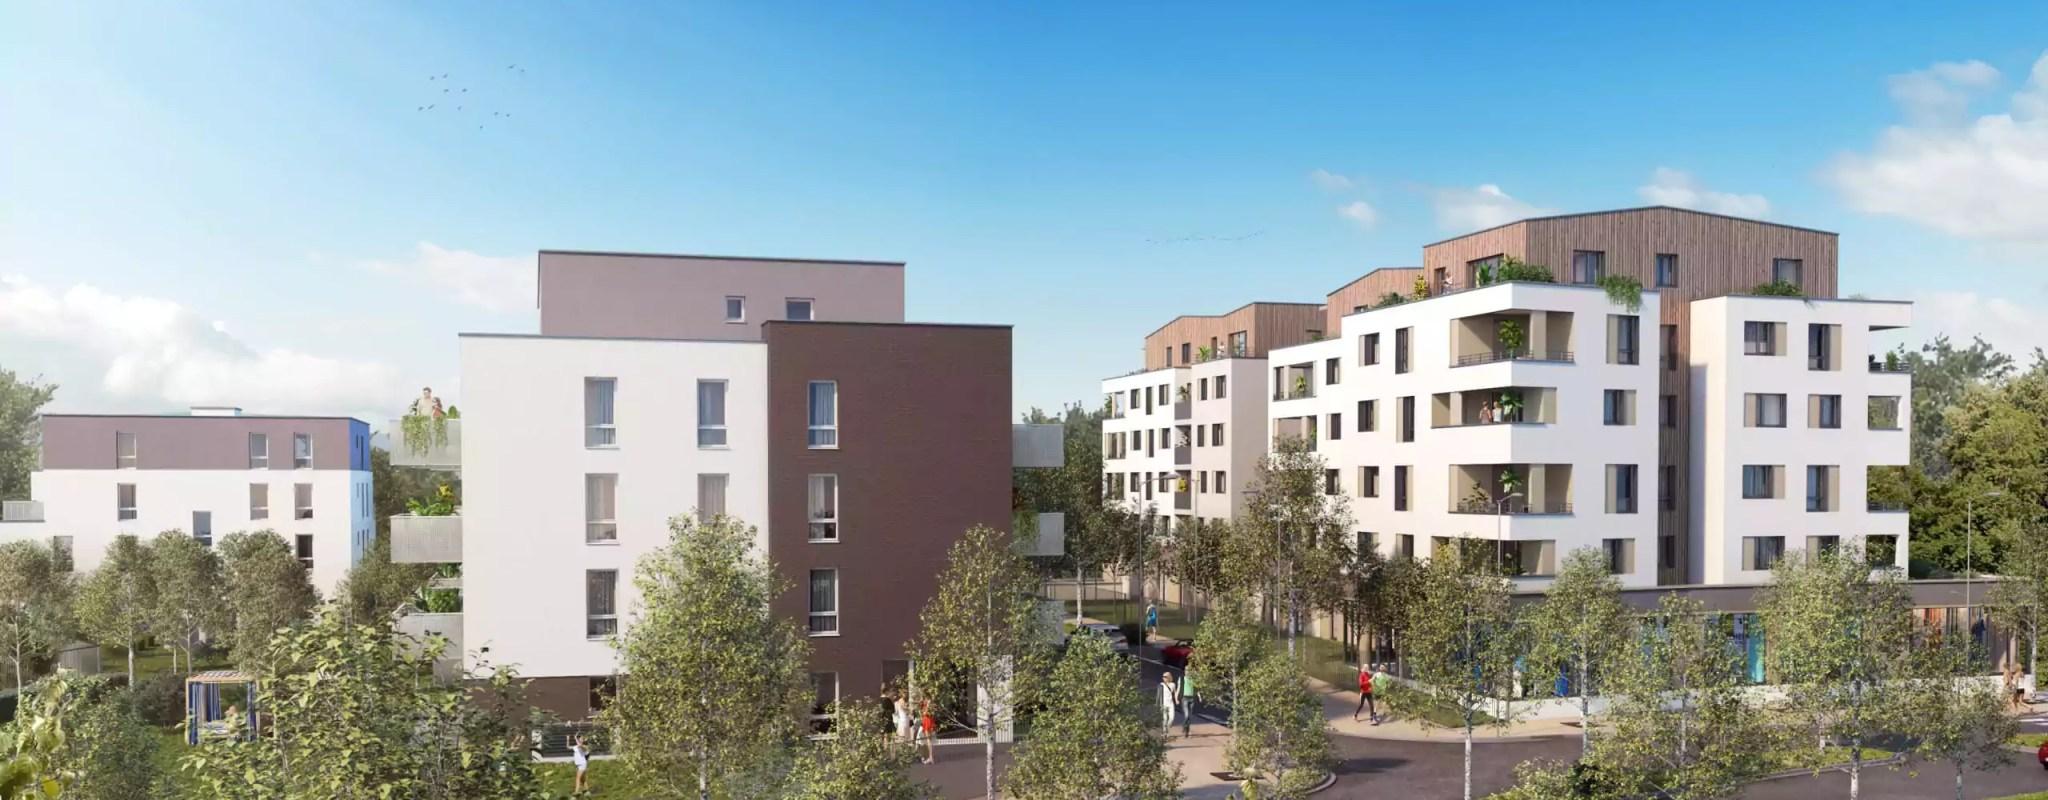 Pour attirer les jeunes actifs et les acheteurs privés, la rénovation de l'Elsau débutera par son entrée